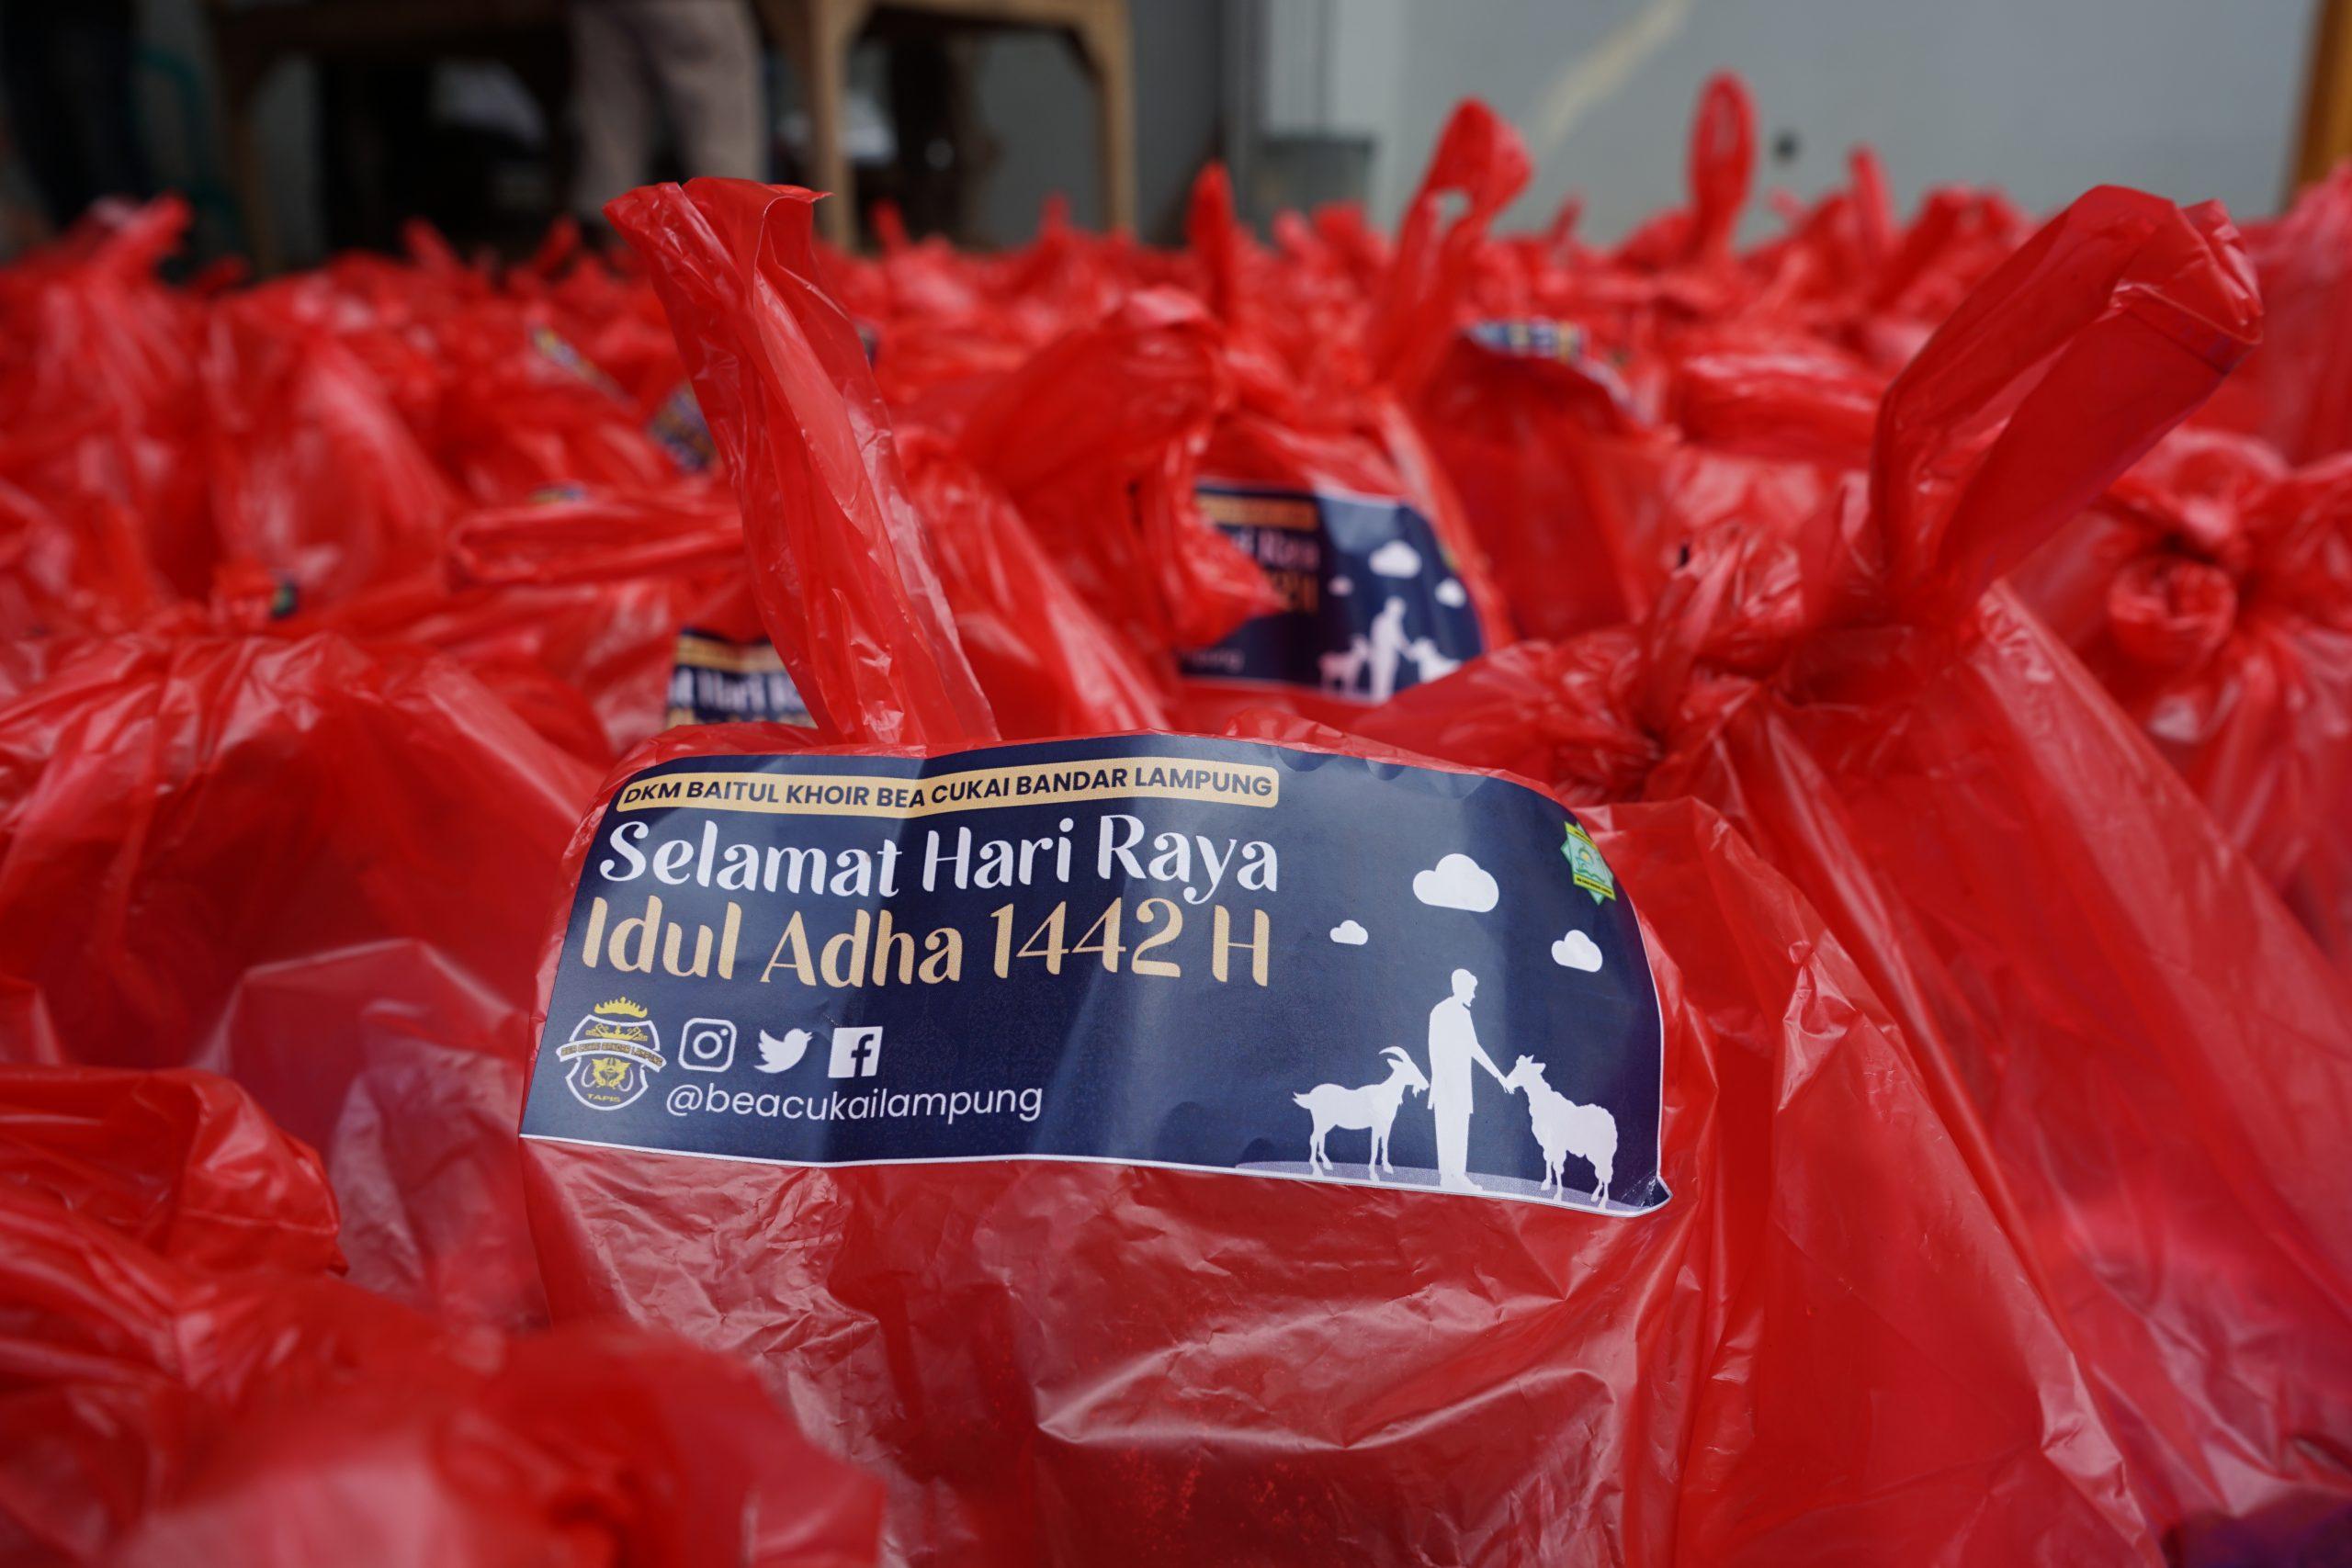 Disembelih melalui RPH, Bea Cukai Lampung Salurkan Daging hasil Qurban Idul Adha 1442 H